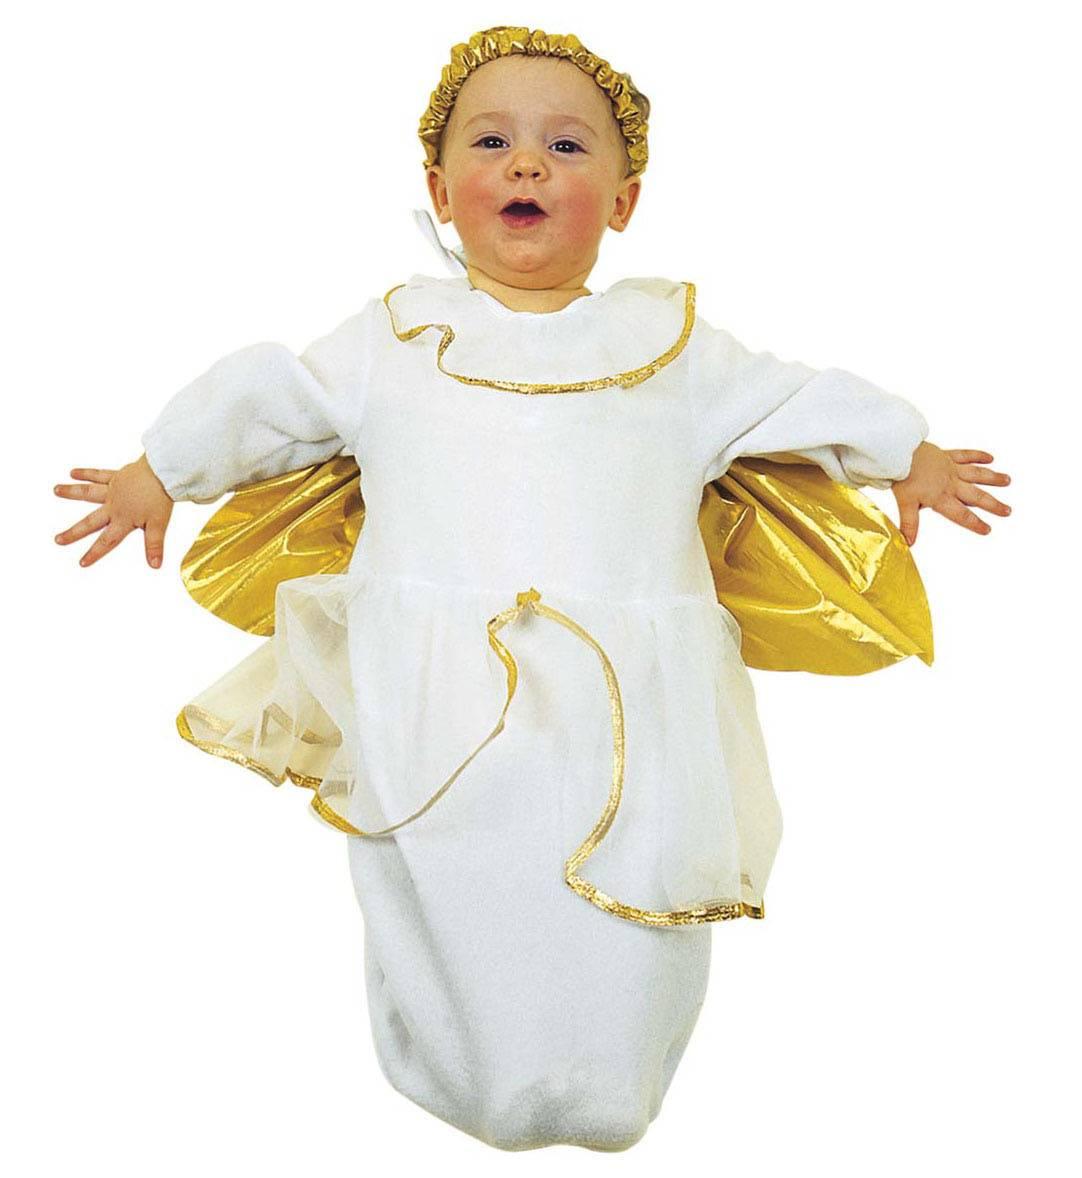 Disfraz de angel para beb - Disfraz de angel nino ...